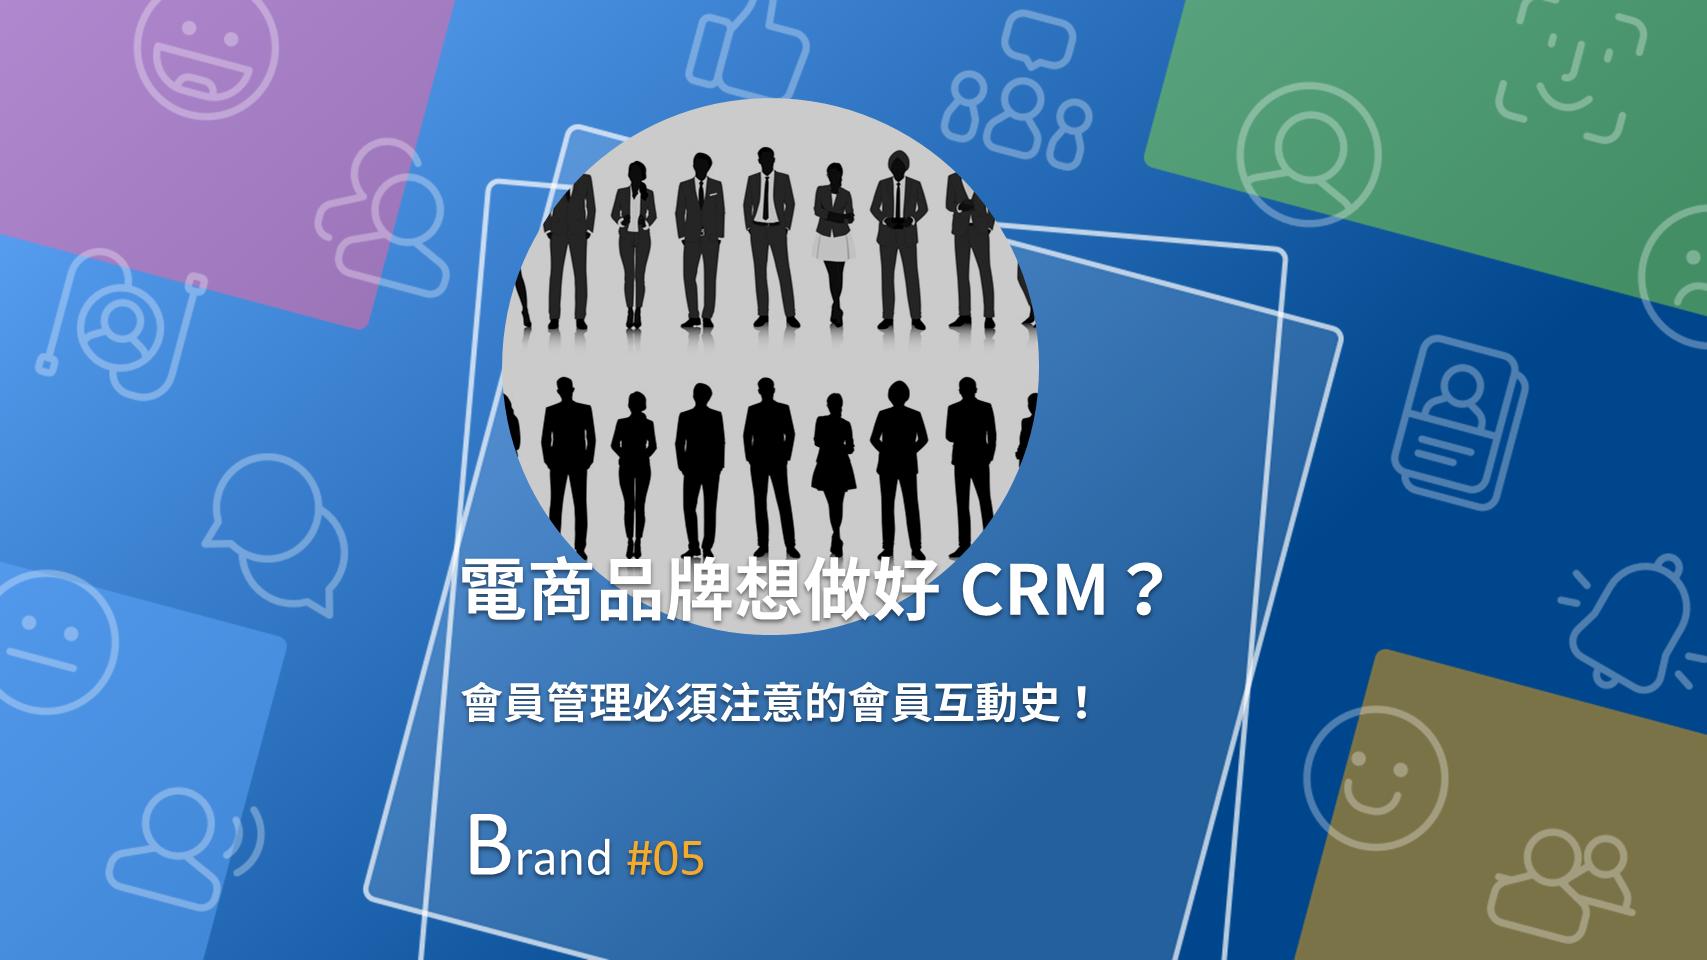 品牌經營會員,應從「滿足顧客需求」的角度出發